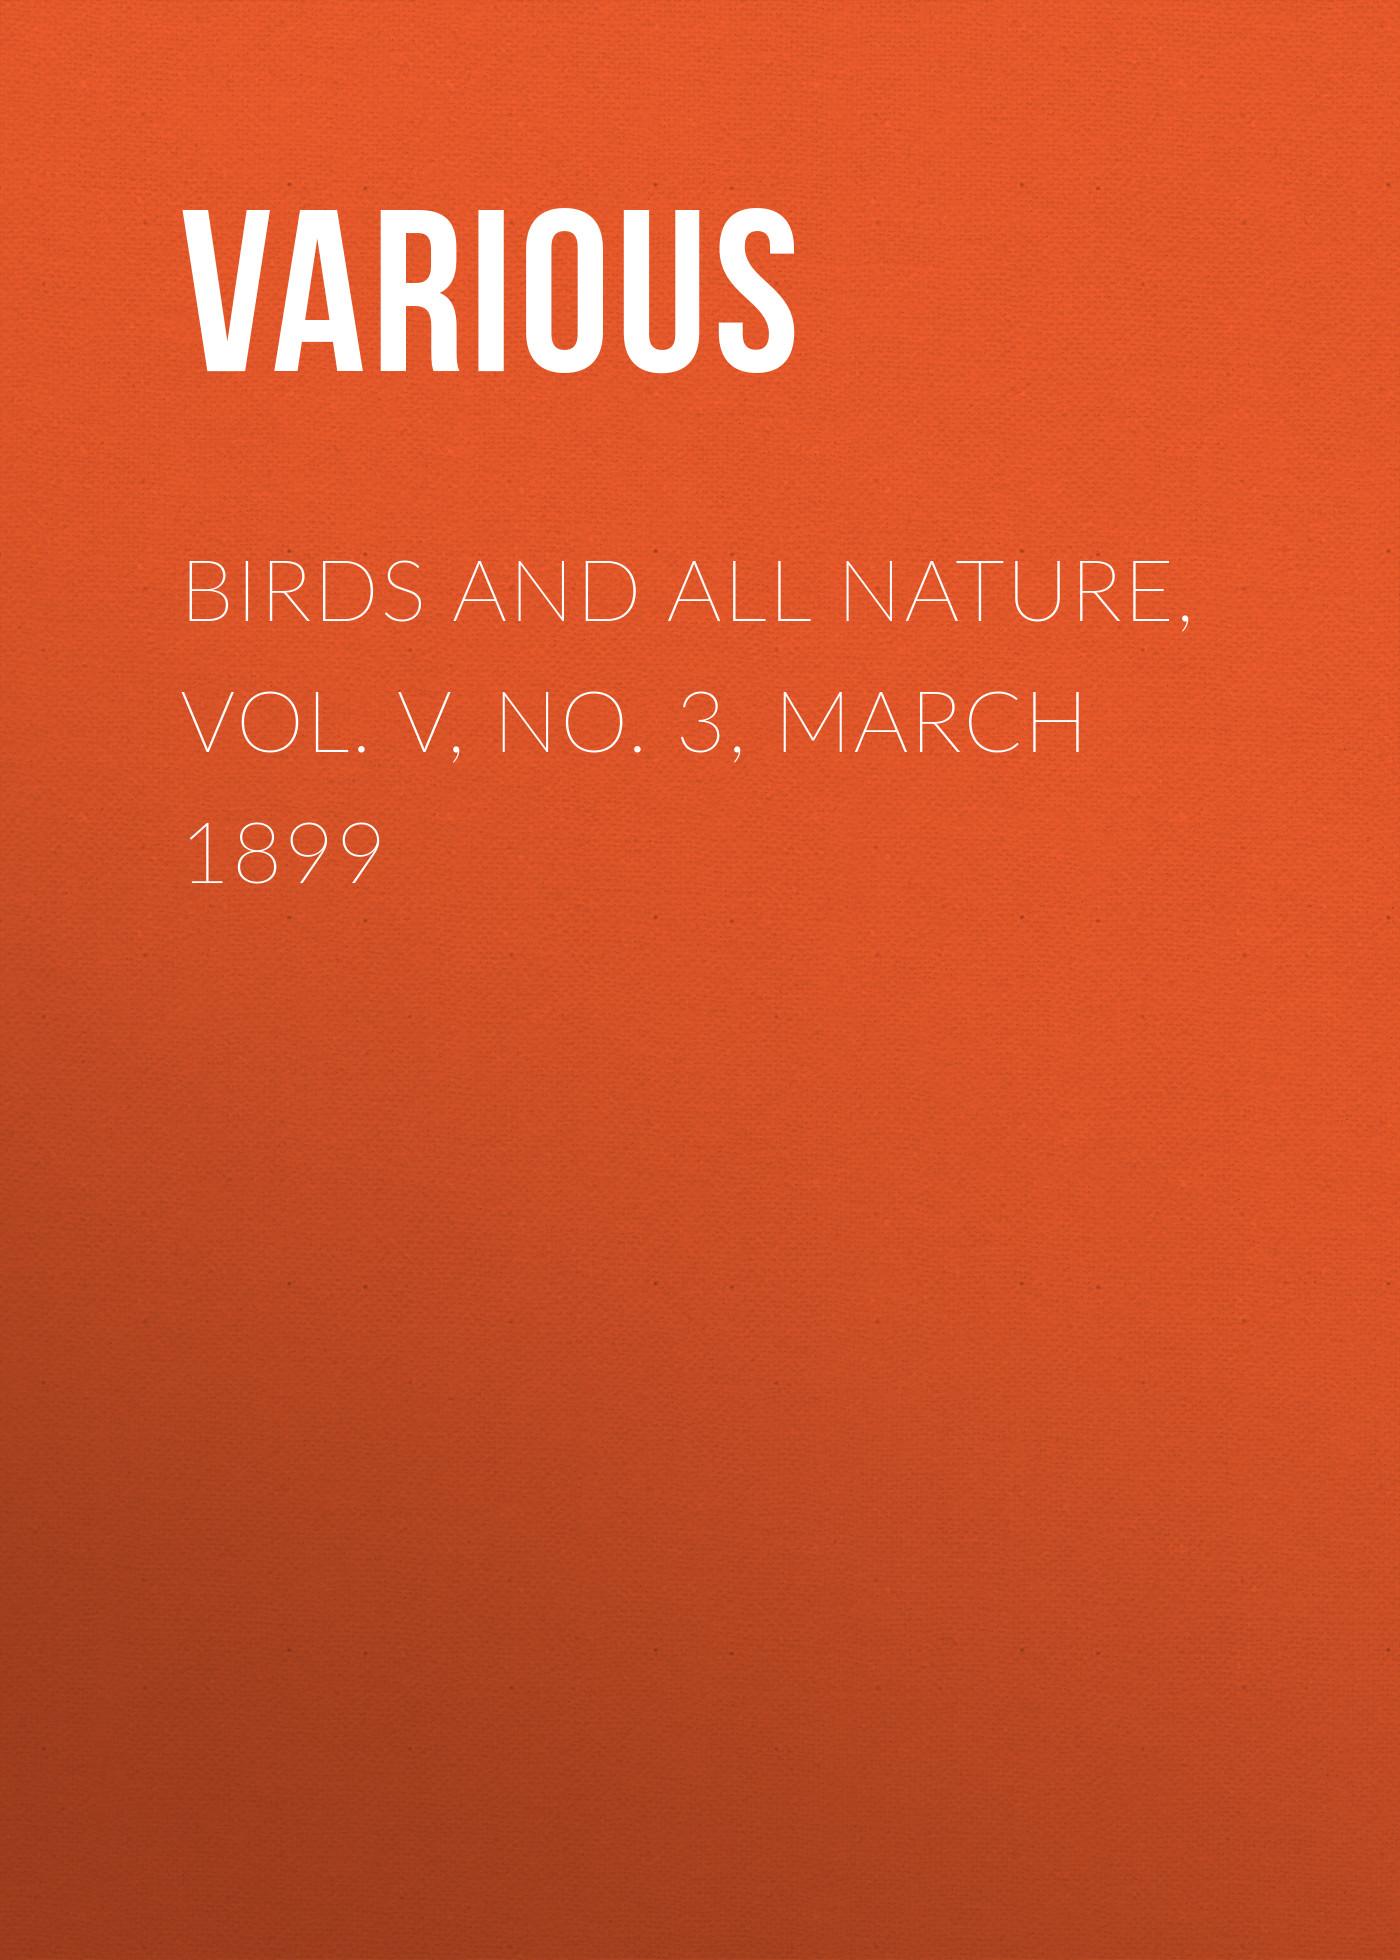 Various Birds and All Nature, Vol. V, No. 3, March 1899 batman no man s land vol 3